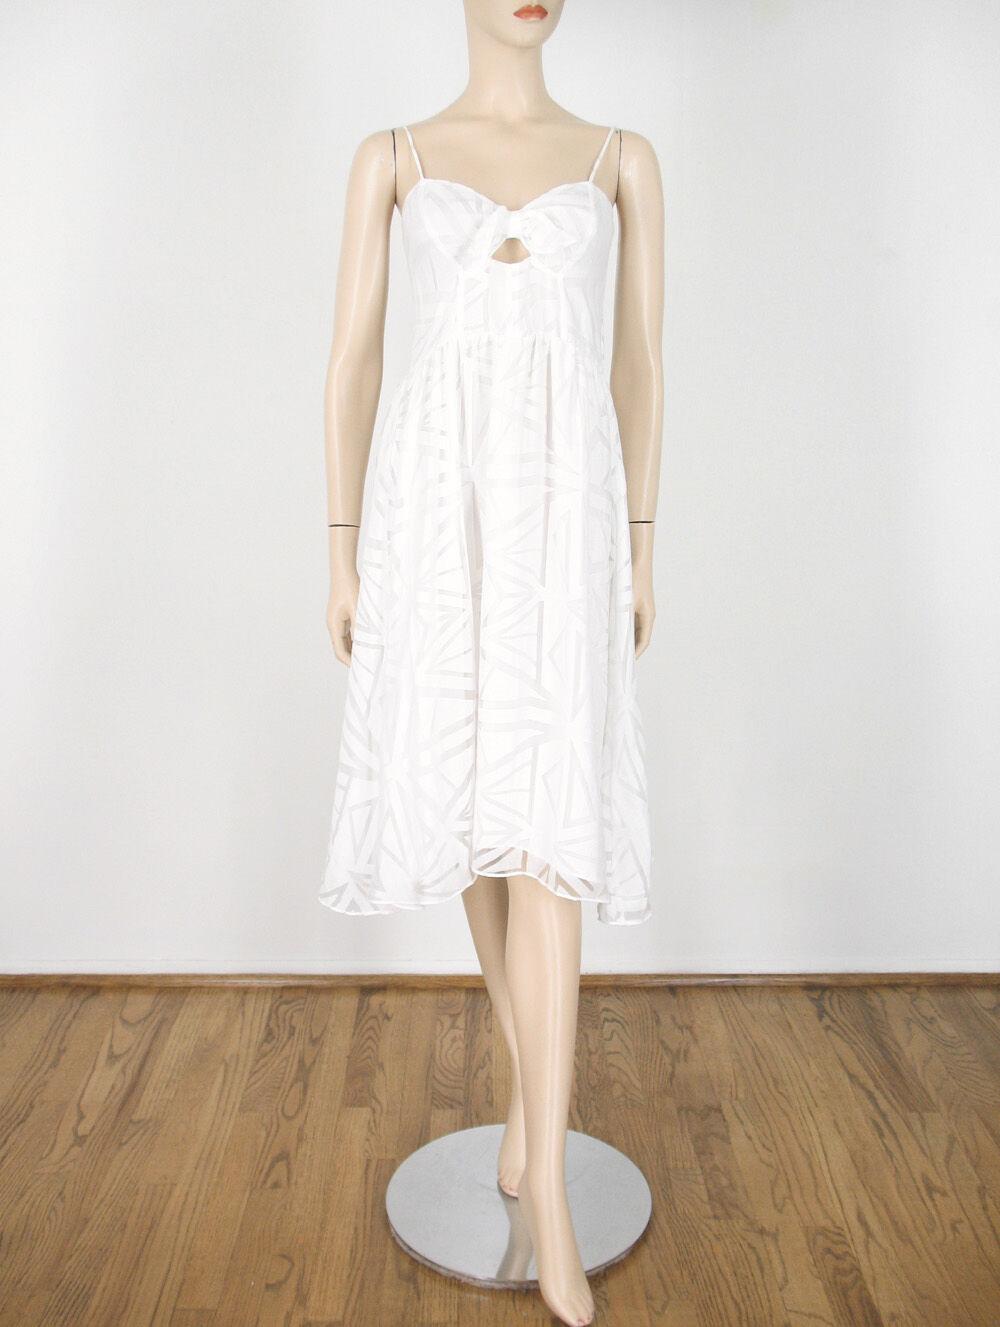 Parker Miranda Geometrisches Muster Kleid Weiß Sweetheart Smocks M 9759 Bm14